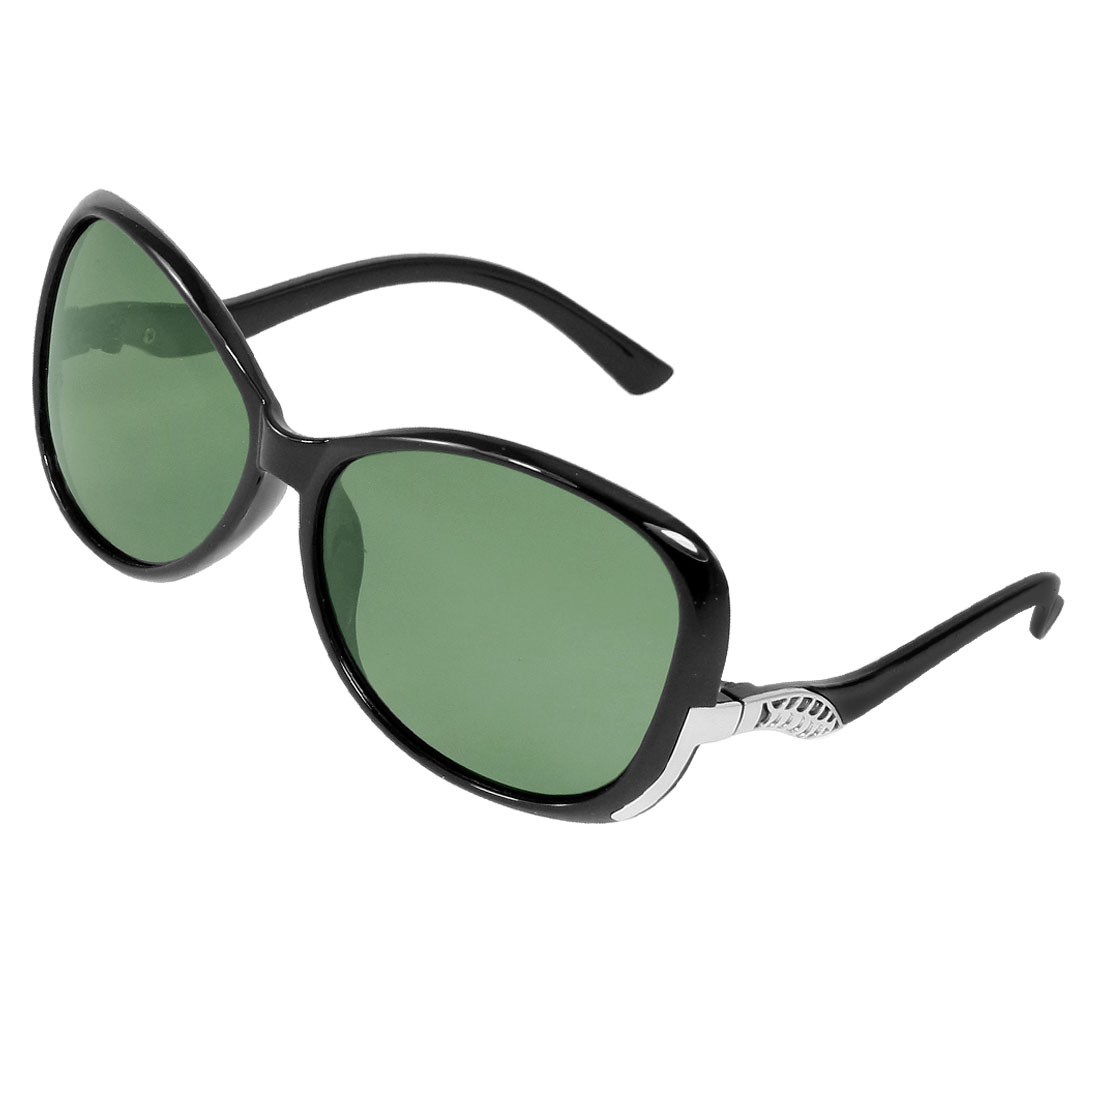 Green Lens Plastic Black Frame Polarized Sunglasses Eyeglasses for Lady